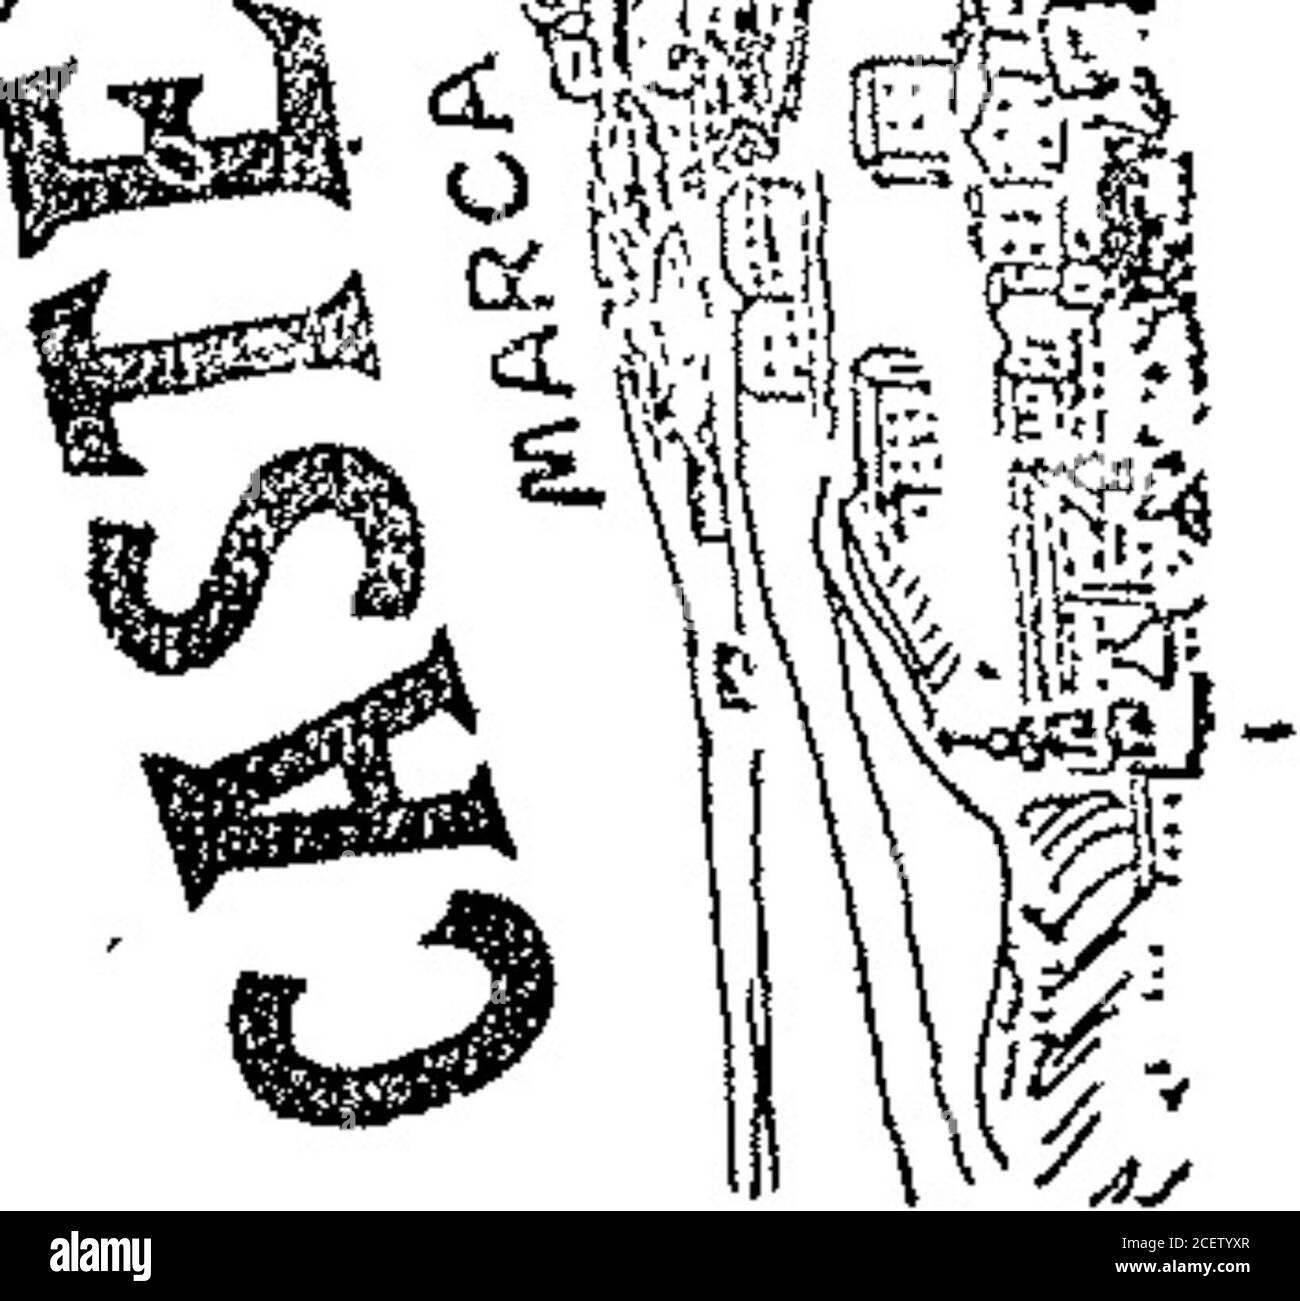 . Boletín Oficial de la República Argentina. 1904 1ra sección. Julio 14 de 1904,—M. Thea^y i ca.—dis-tinguir cementos en général, clase 89. v-2l-Julio.Acta N° 13.891 c¿. fi/UAA. $ Sí REGALÍA Jí. Julio 14 de 1904.—Federico Hormann y[ ca.—Discigarillos, clase 59. v 21-Julio. Diciembre 24 de 1903.—Luis Bosca é hi-jos.—Disciir los artículos de las clasesi á 79, especialmente vinos. (Modificada). v-20 Julio. ACTA W° 13.898 «Vulkan» Julio 15 de 1904.—Ernesto Pieper.—dis-tinguir bancos portátiles plegadizos deherreros, cerrajeros y mecánicos con susaccesorios, clase 22 y morsas y sus acce Banque D'Images